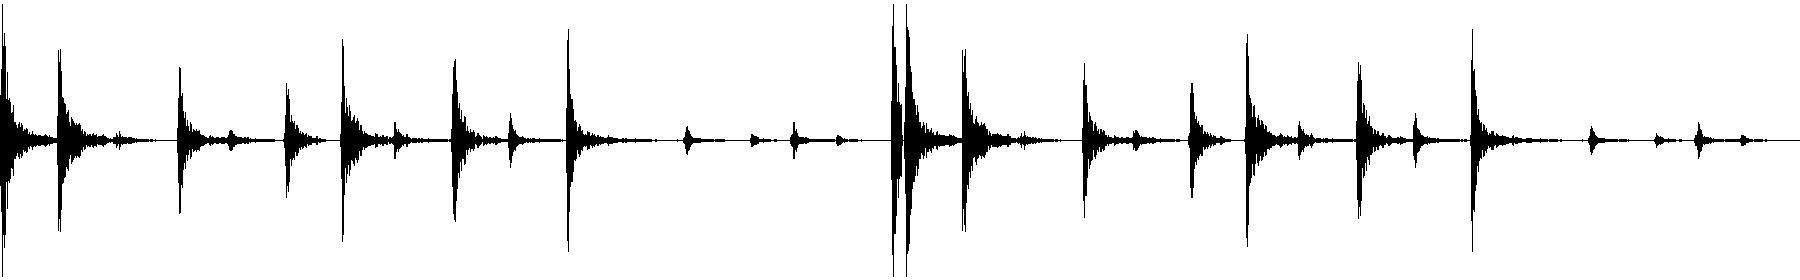 ehp percloop 130 17